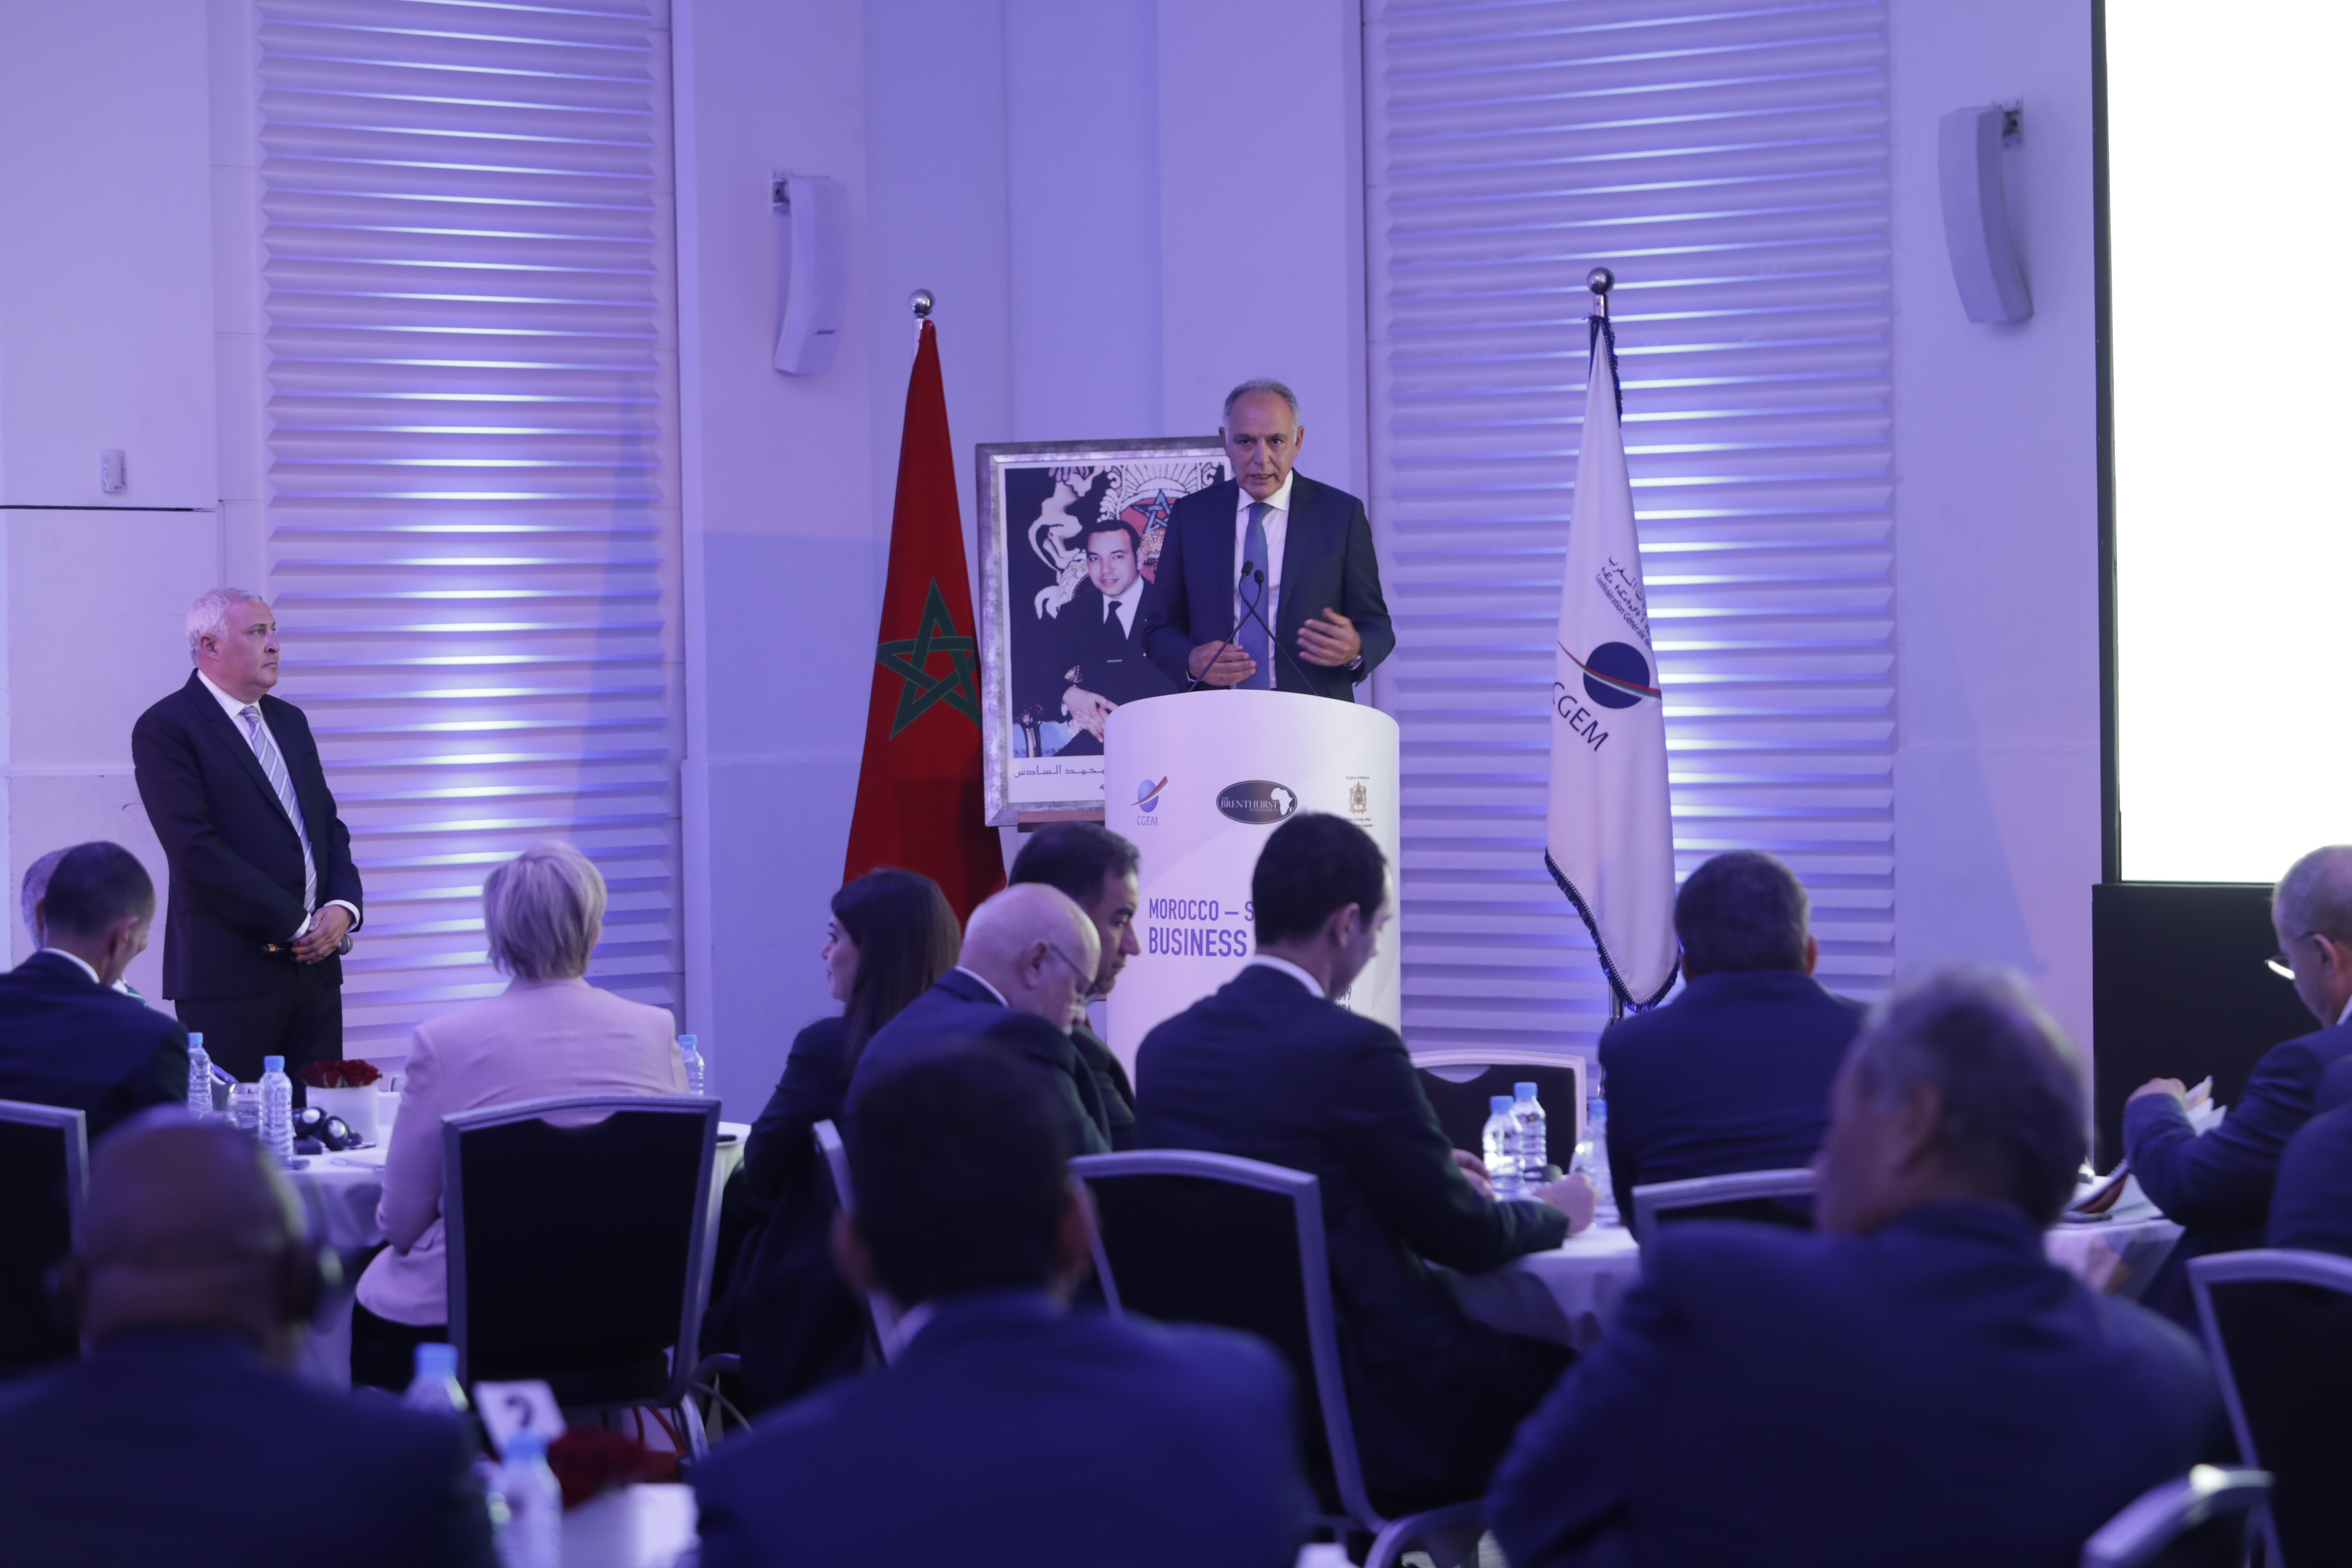 المغرب وجنوب إفريقيا: شراكة اقتصادية جديدة